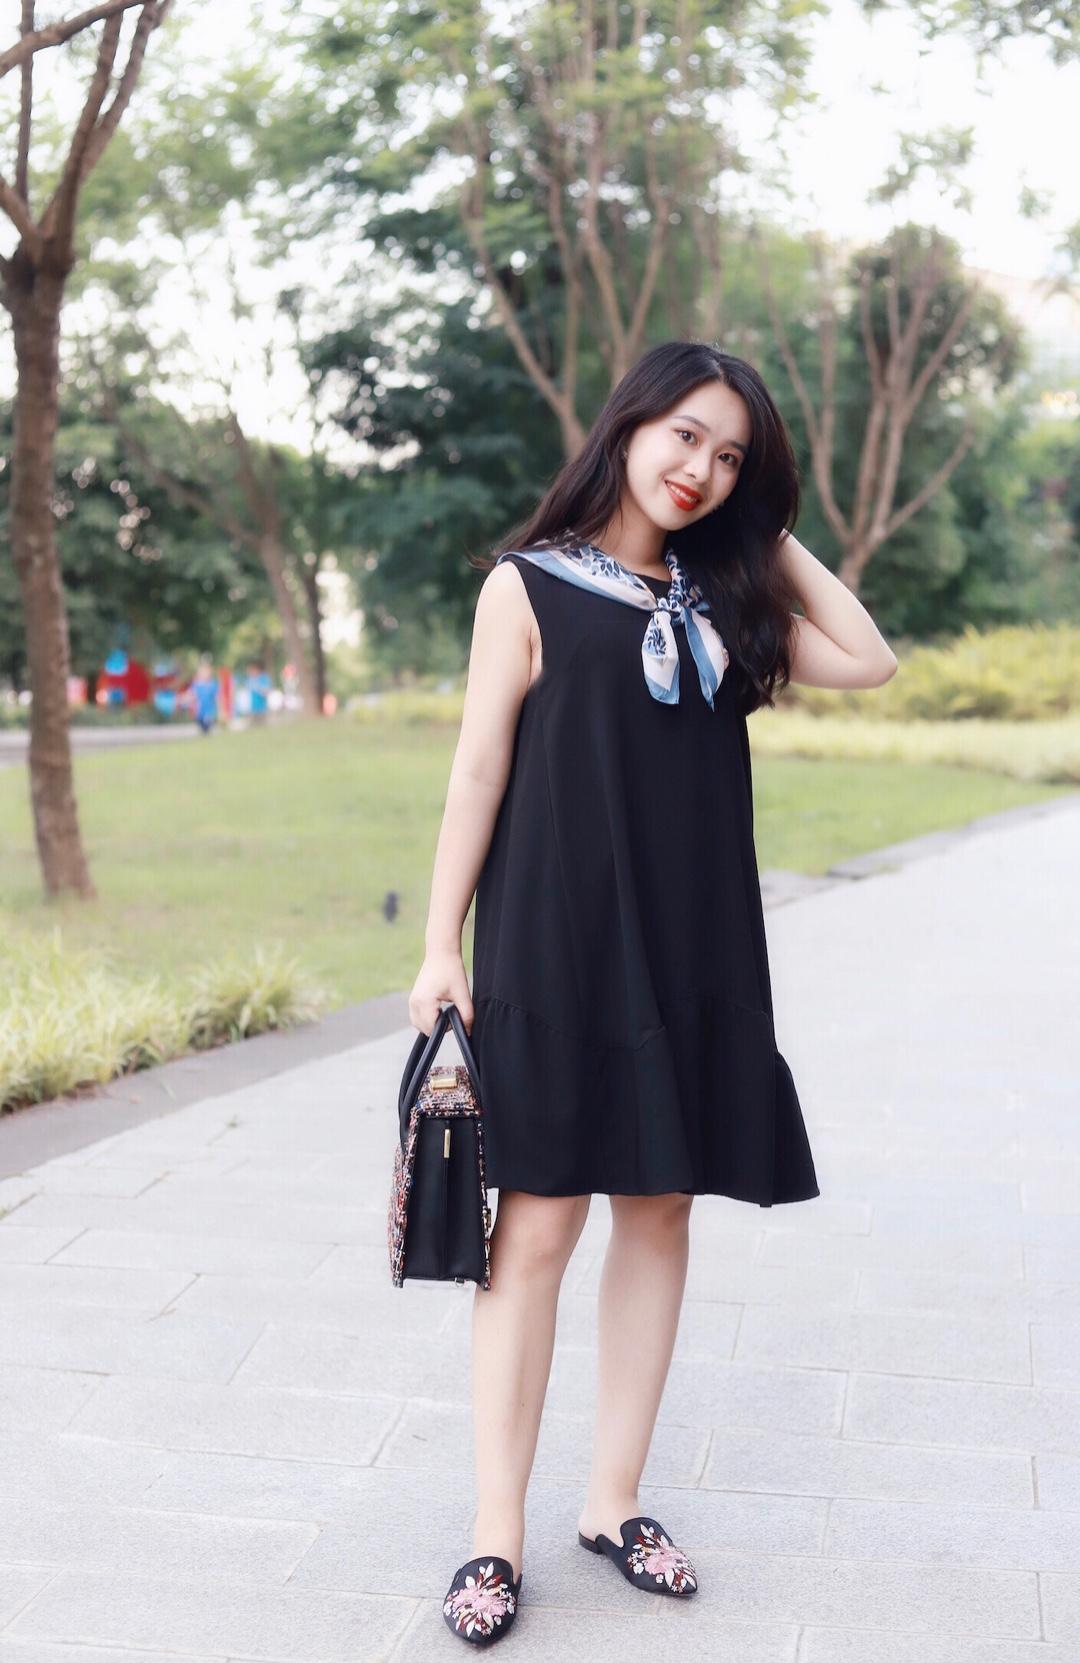 #轻熟小性感,约会强助攻!# 150小个子穿搭 超级好看显瘦的小黑裙哦~ 背心款的一点点可爱~觉得小黑裙比较单调,所以我加了一个丝巾 蓝色系的比较适合夏天哦~ 包包搭配一个小香风的,同款比较大很实用哦~